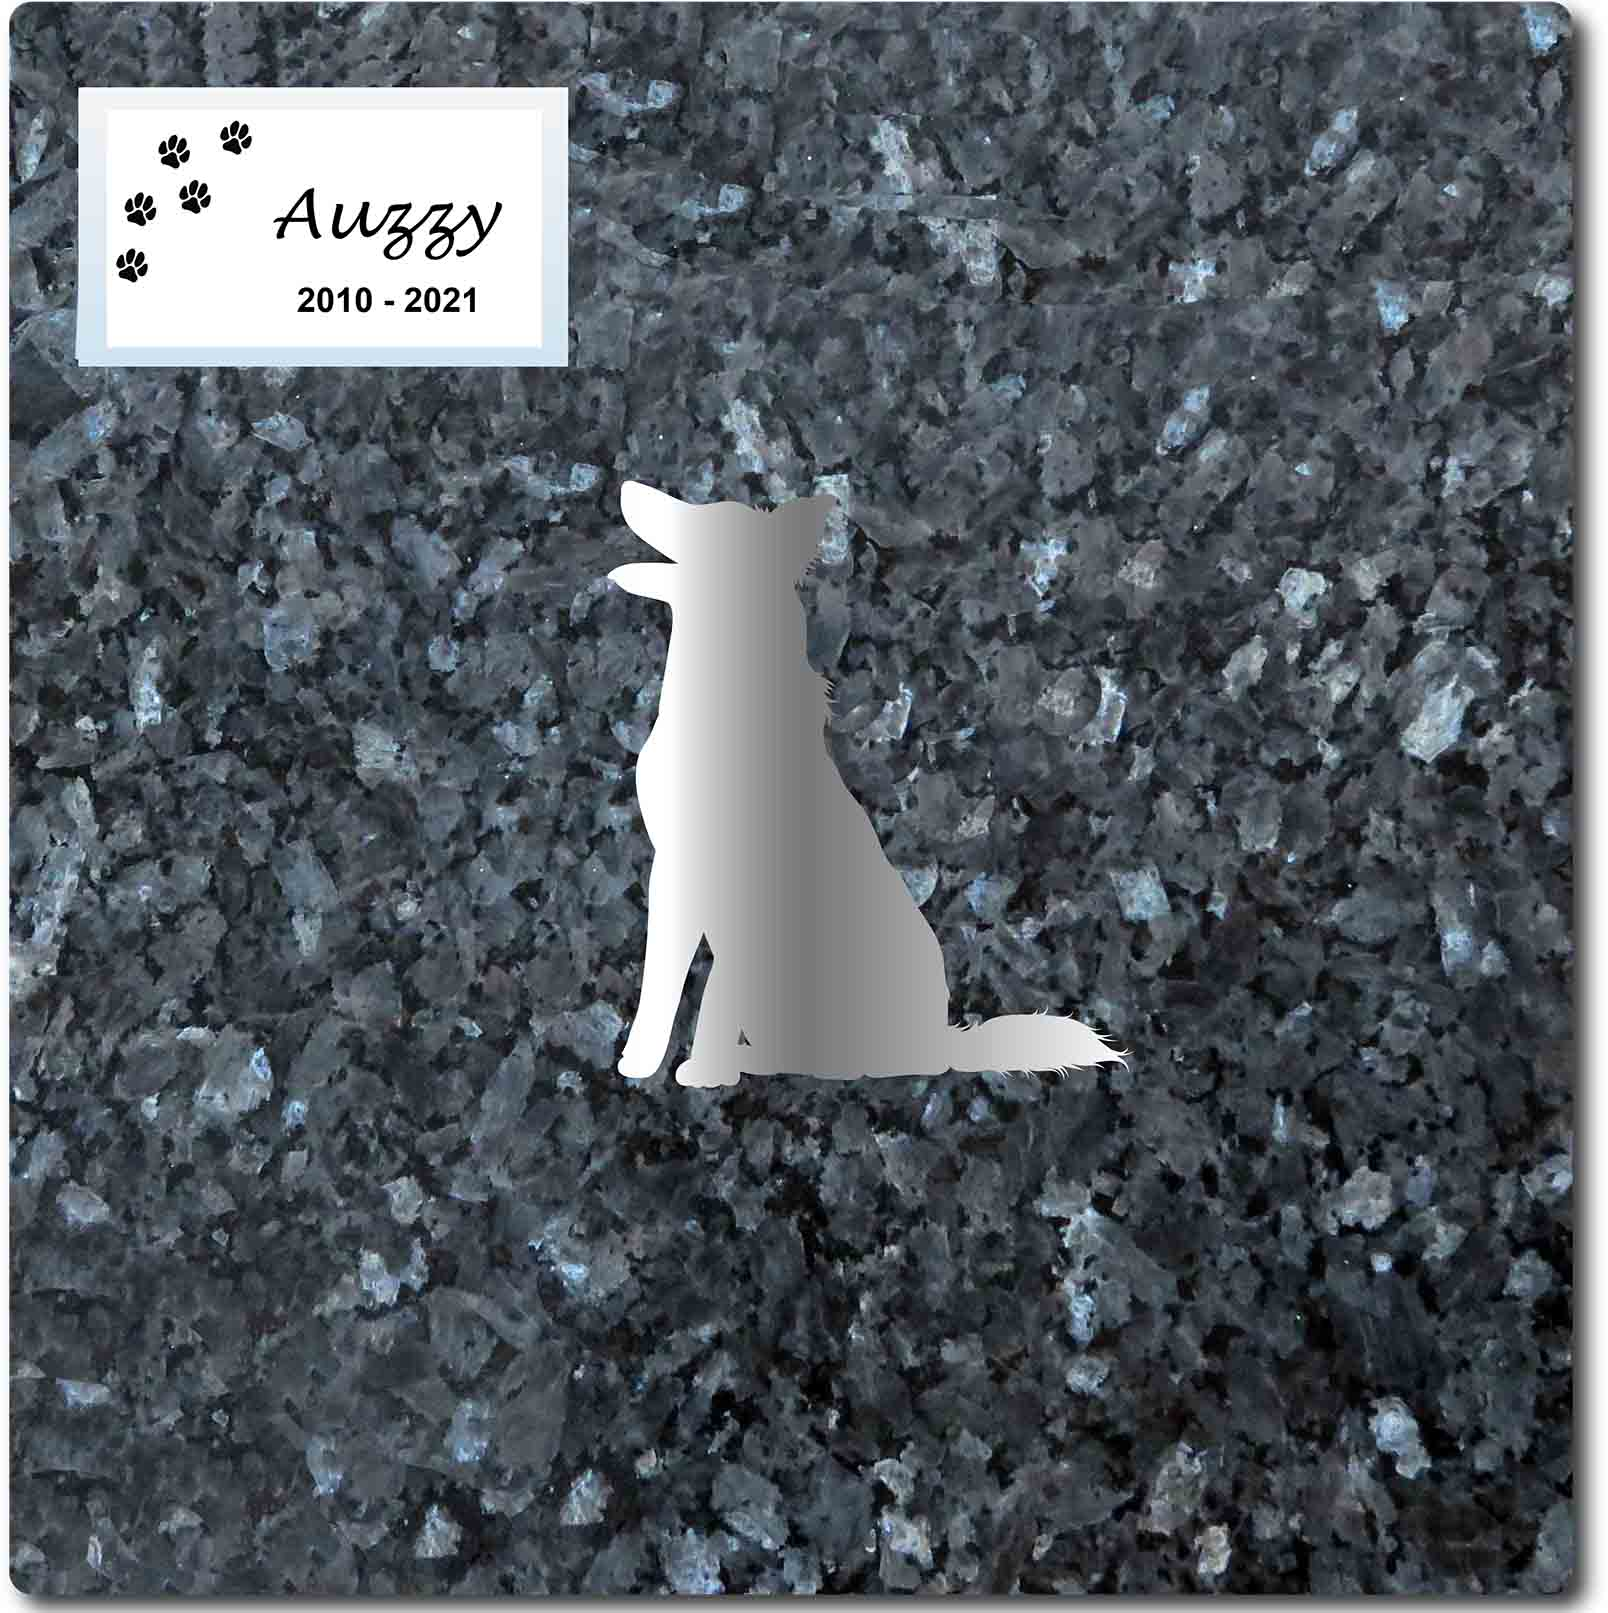 Auzzy - Espace Mémoire Auranimal St-Gabriel